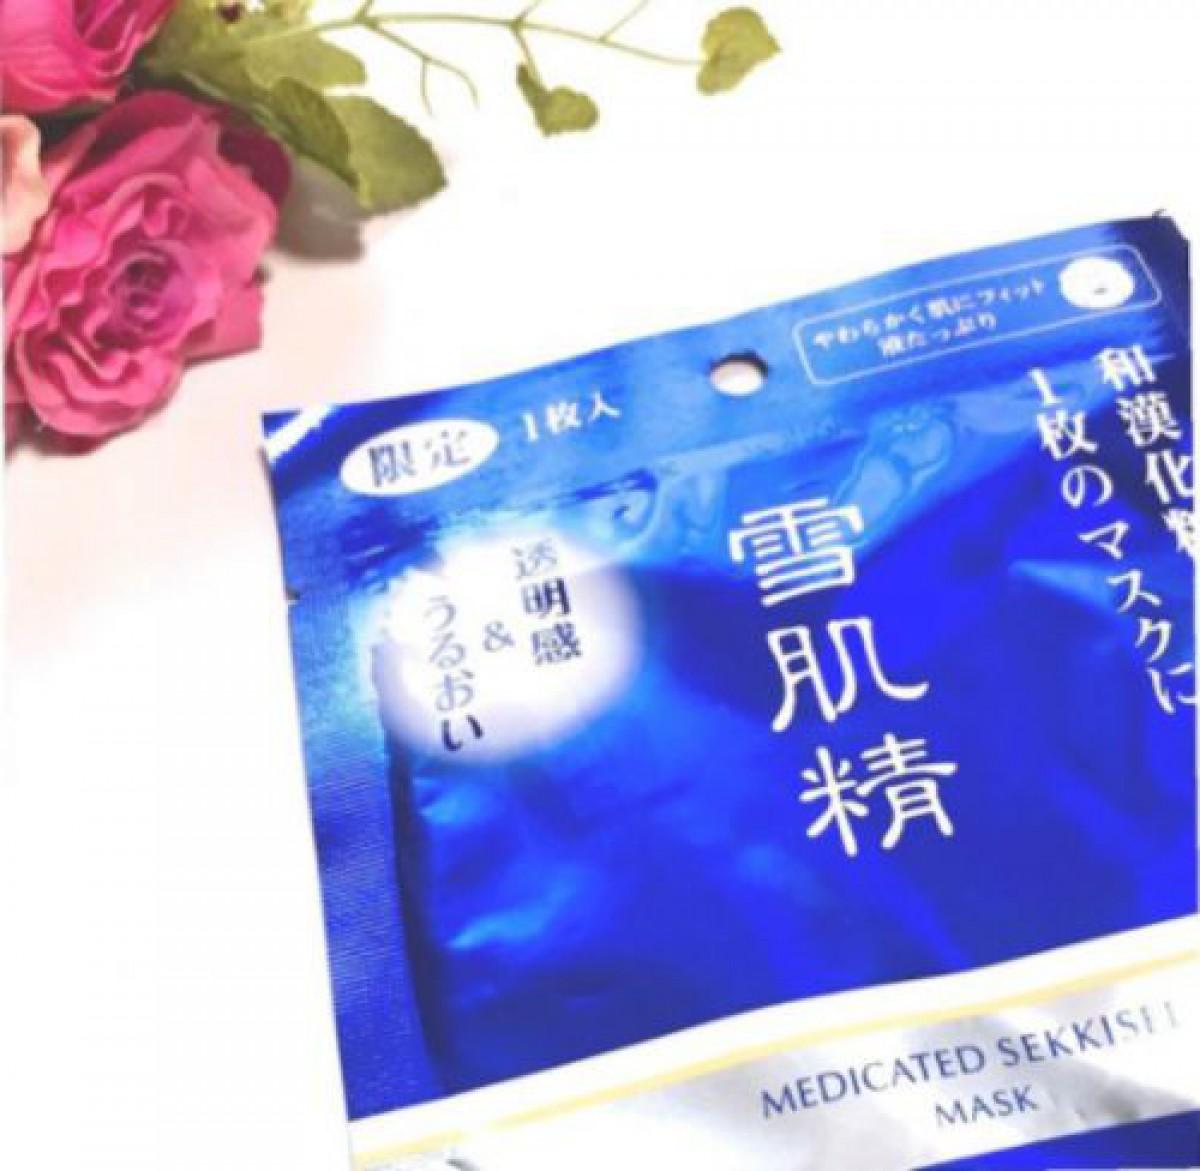 美白のための雪肌精、新商品マスク。人気の薬用化粧水10回分が1枚にギュッと凝縮